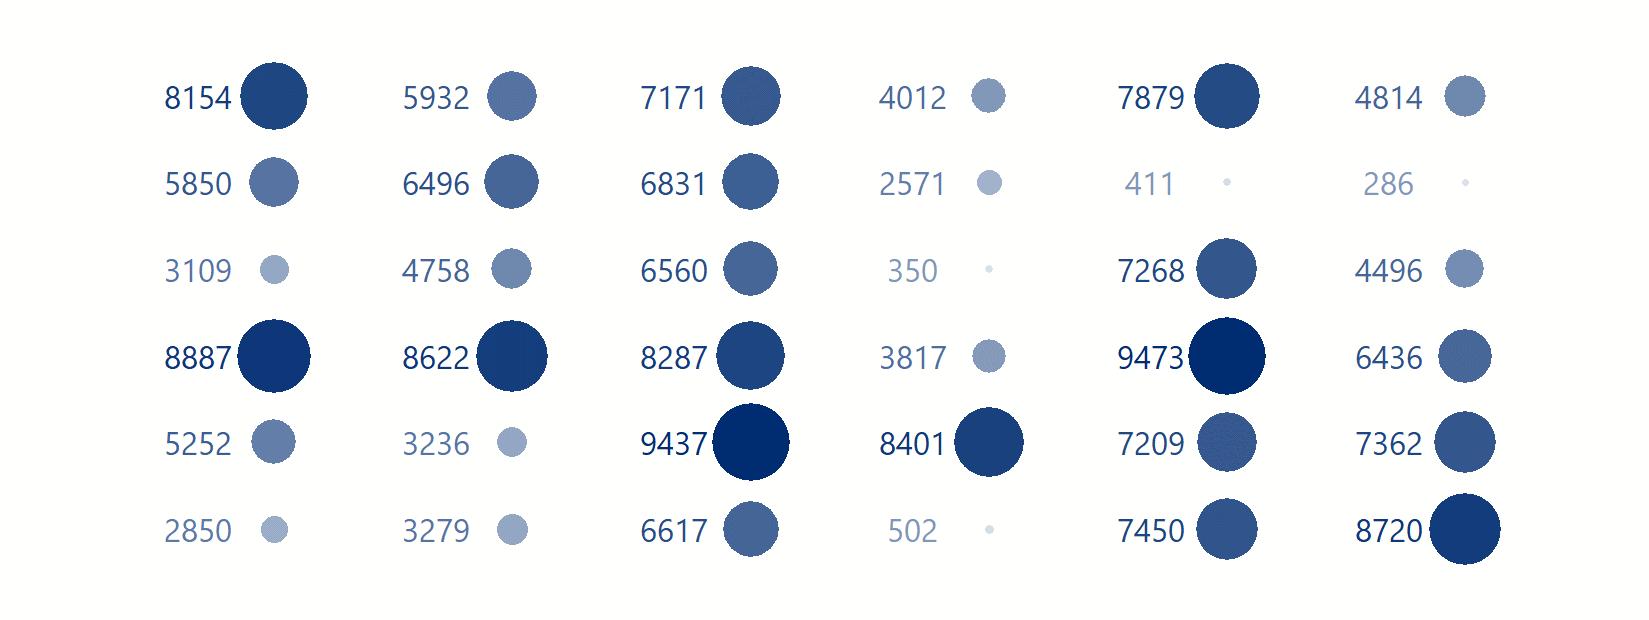 Wie werden sich Grafiken schlagen? Wir testen mit Kreisen!